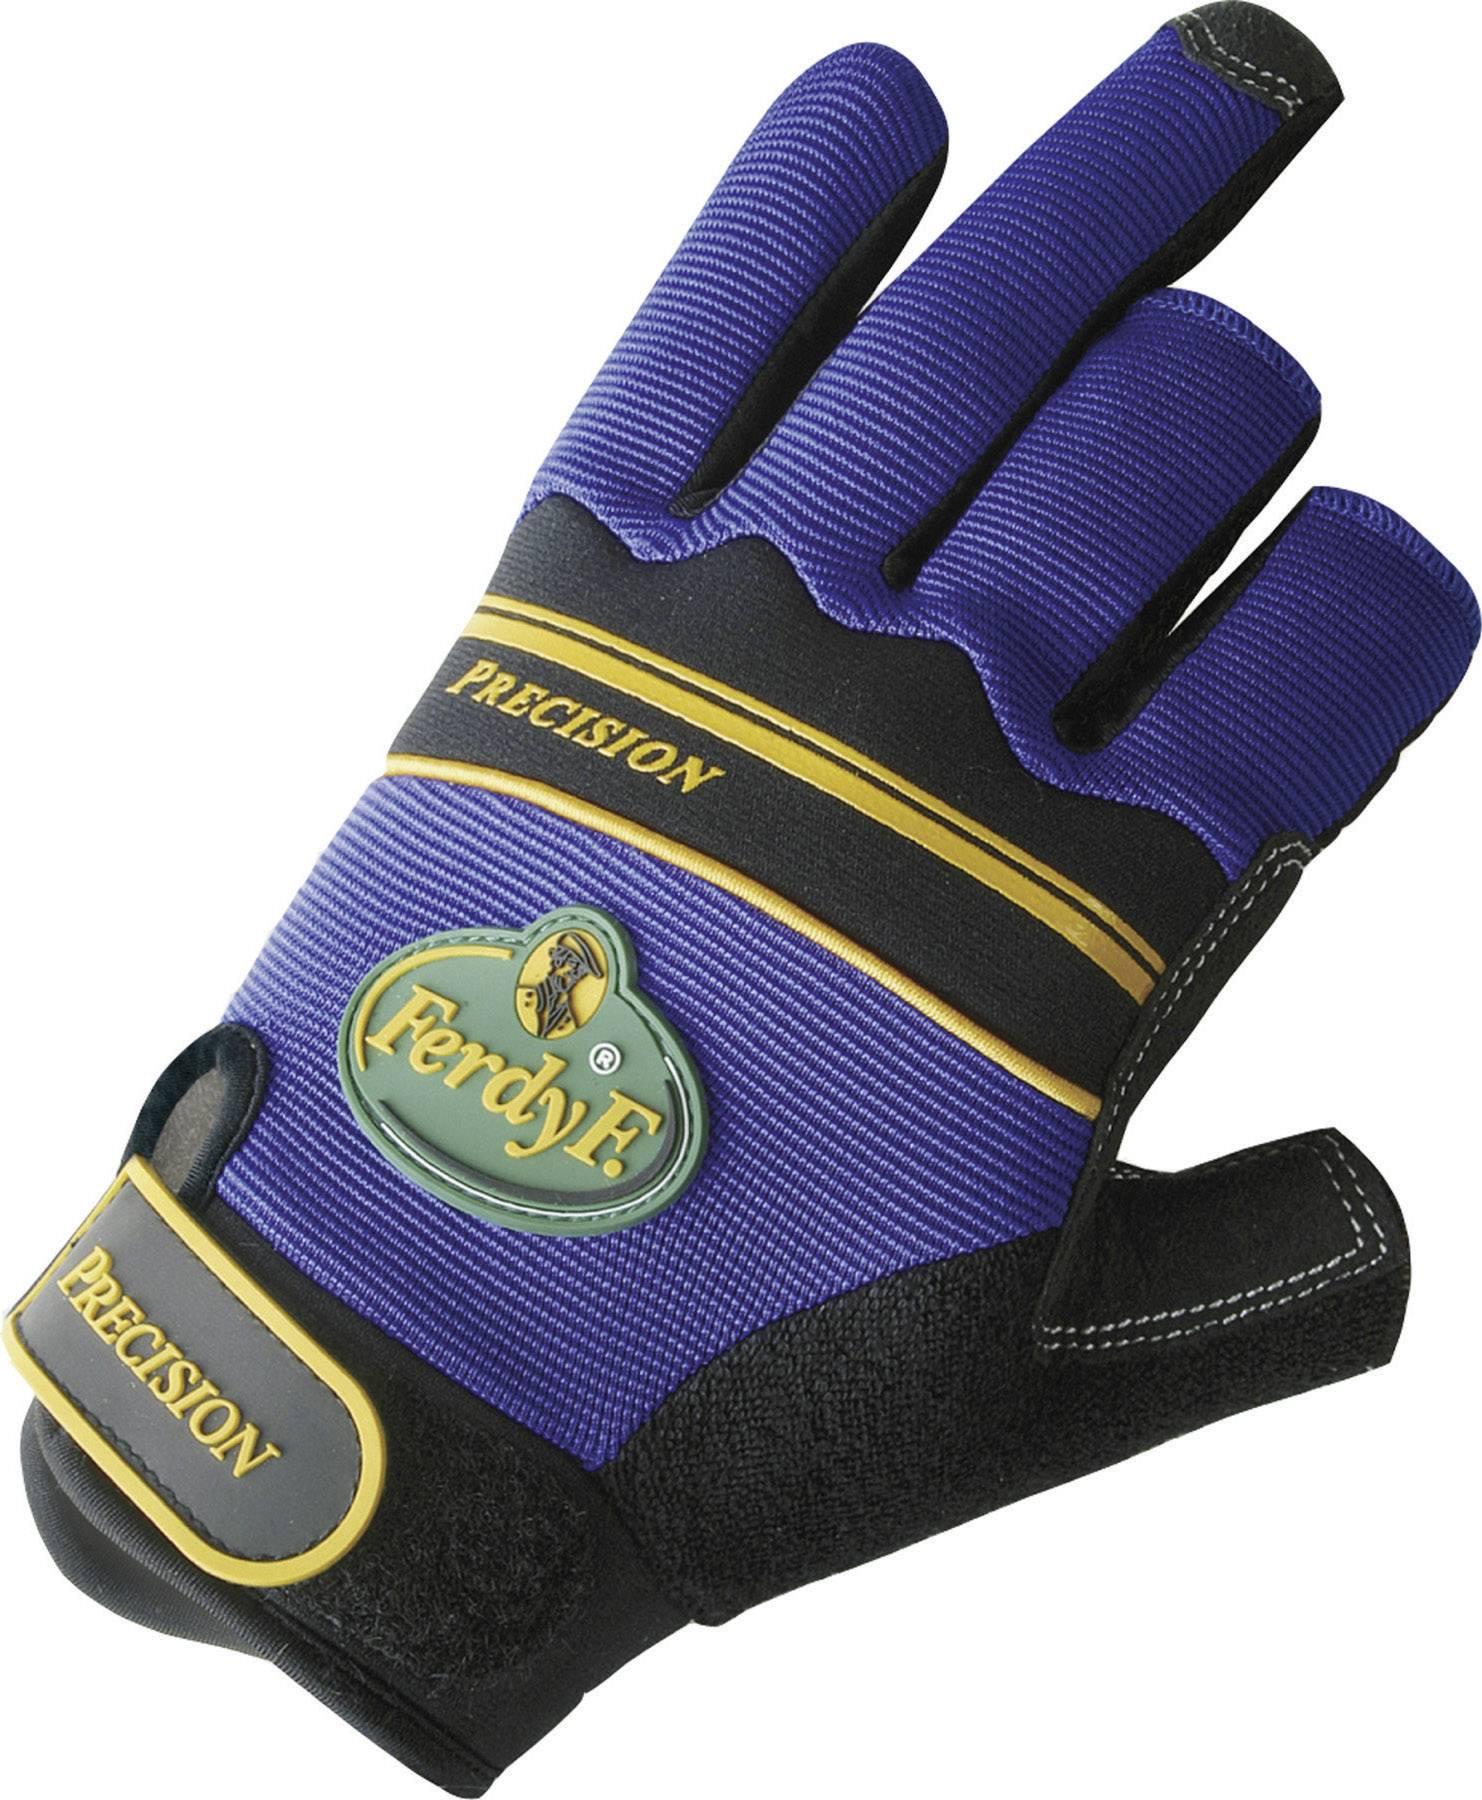 Montážní rukavice FerdyF. PRECISION 1920, CLARINO® - Syntetická kůže, velikost rukavic: 11, XXL